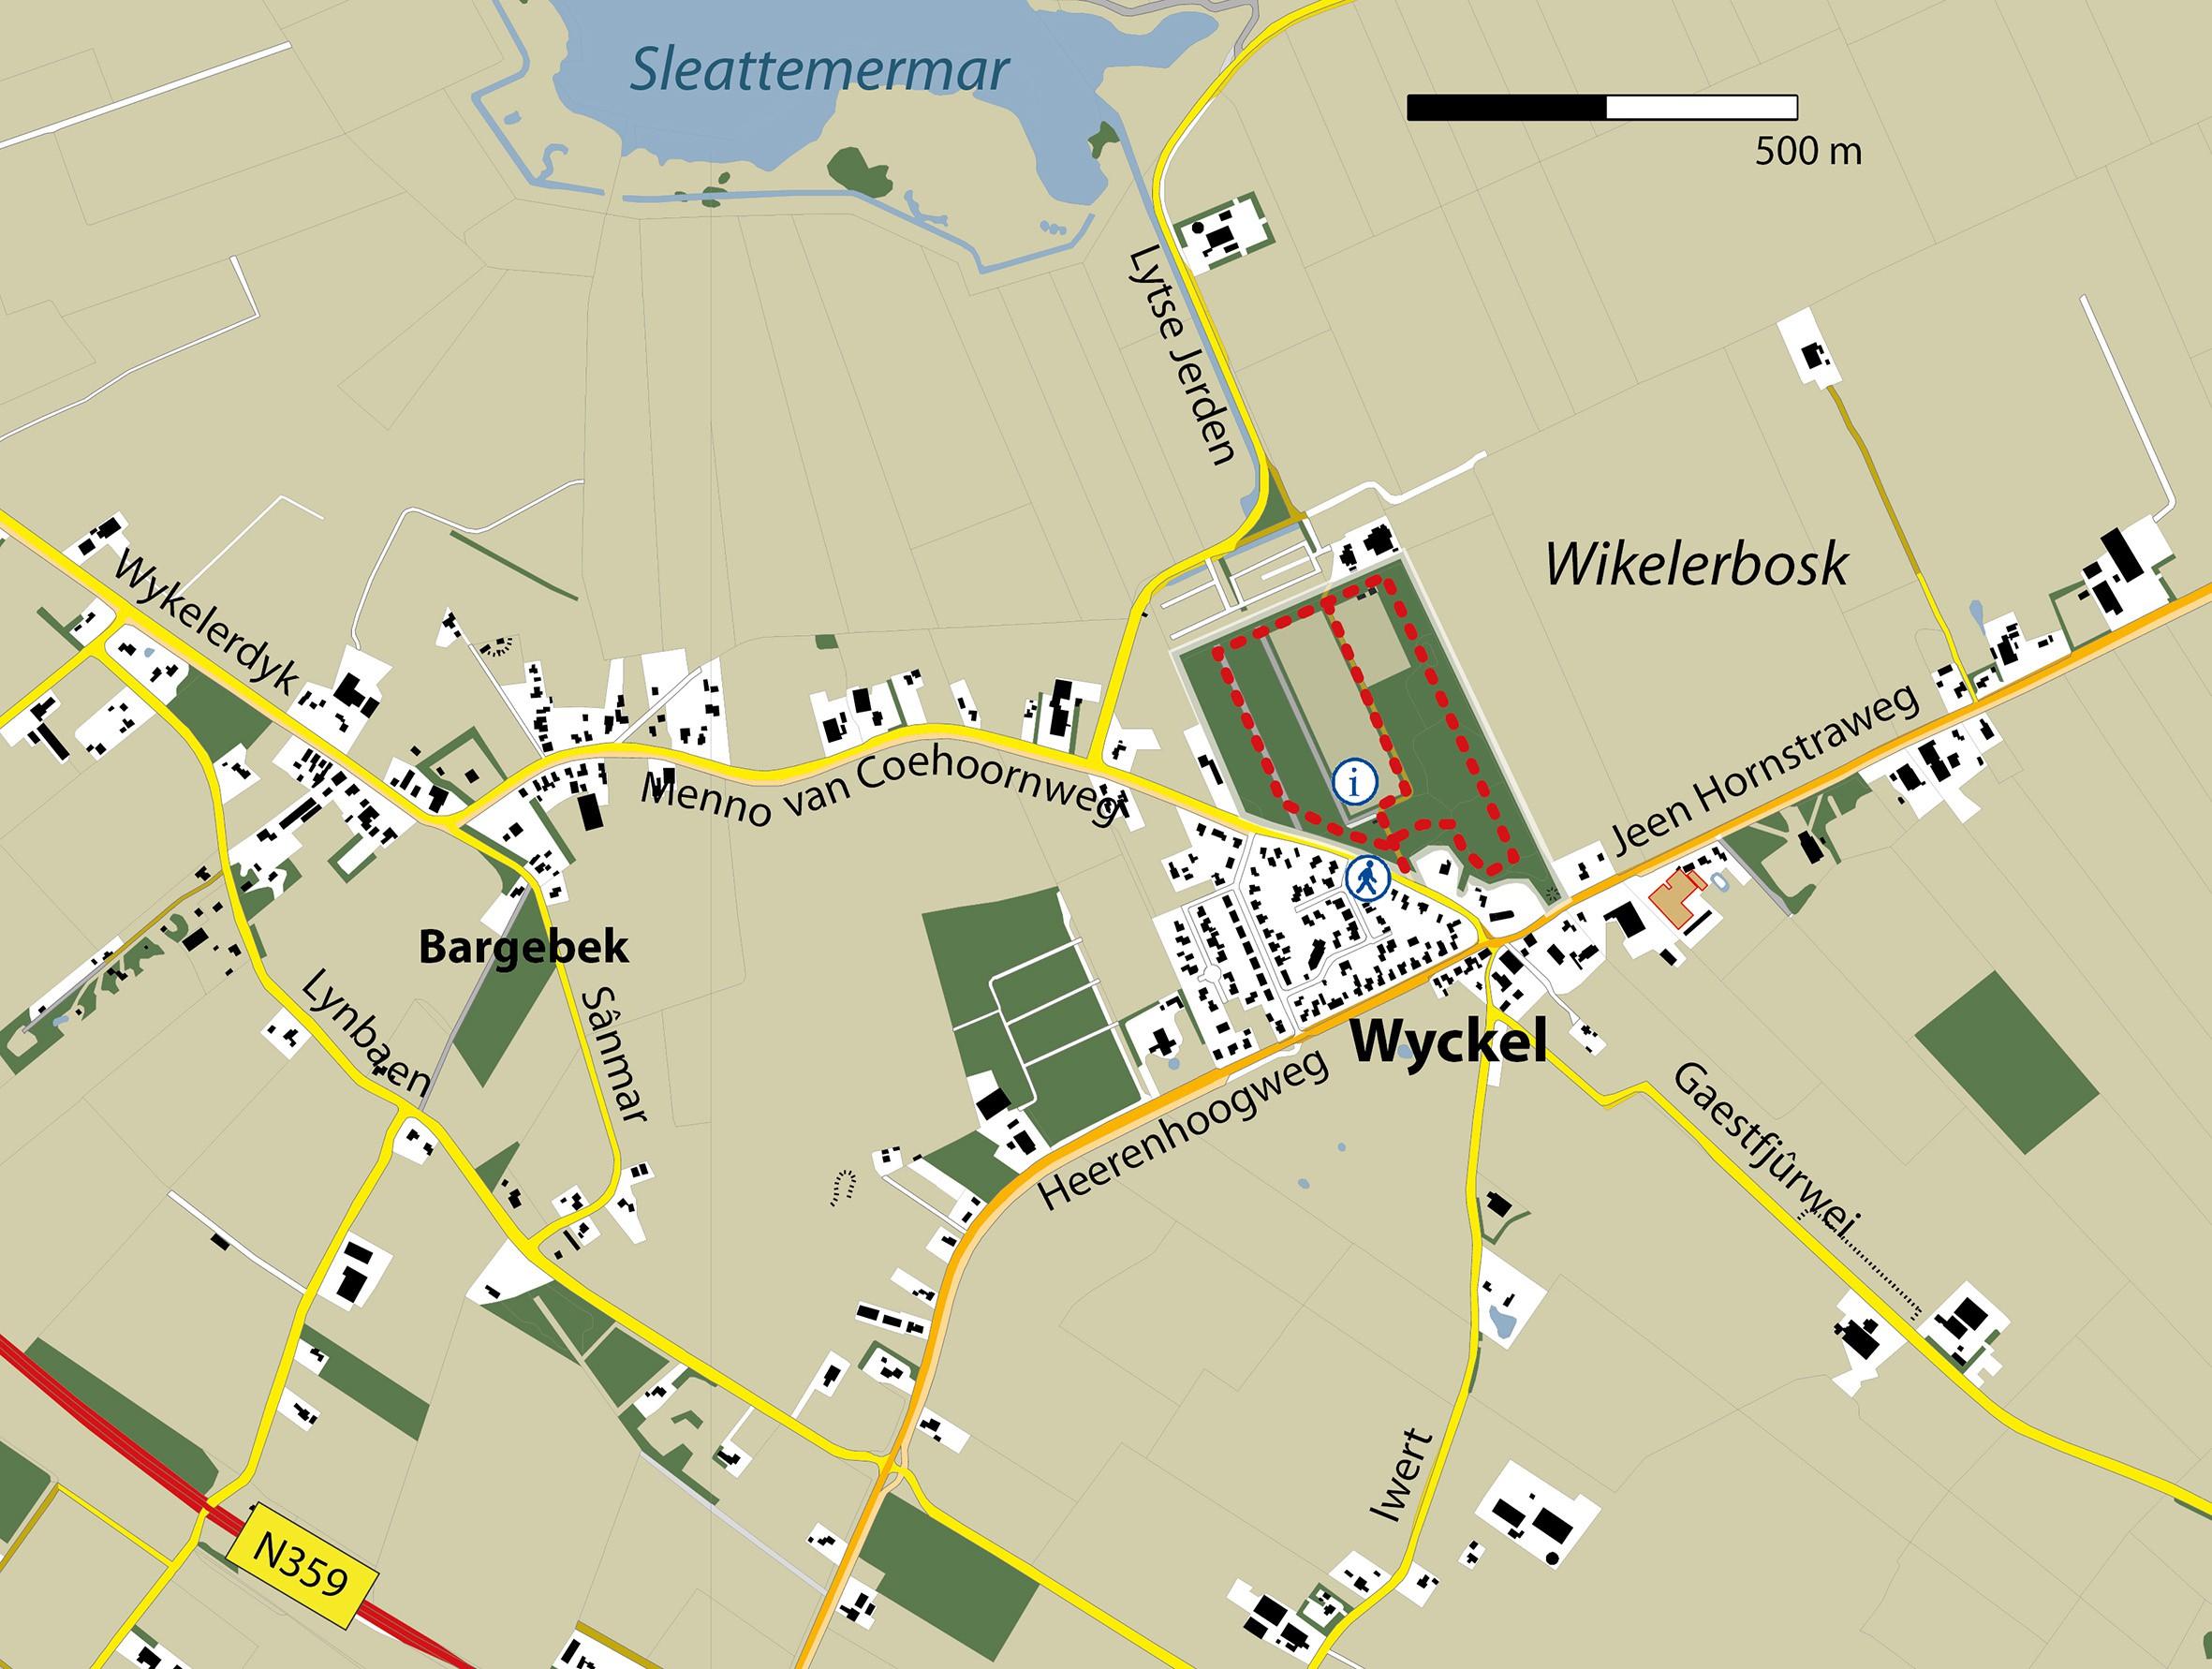 Gebiedskaart Wikelerbosk